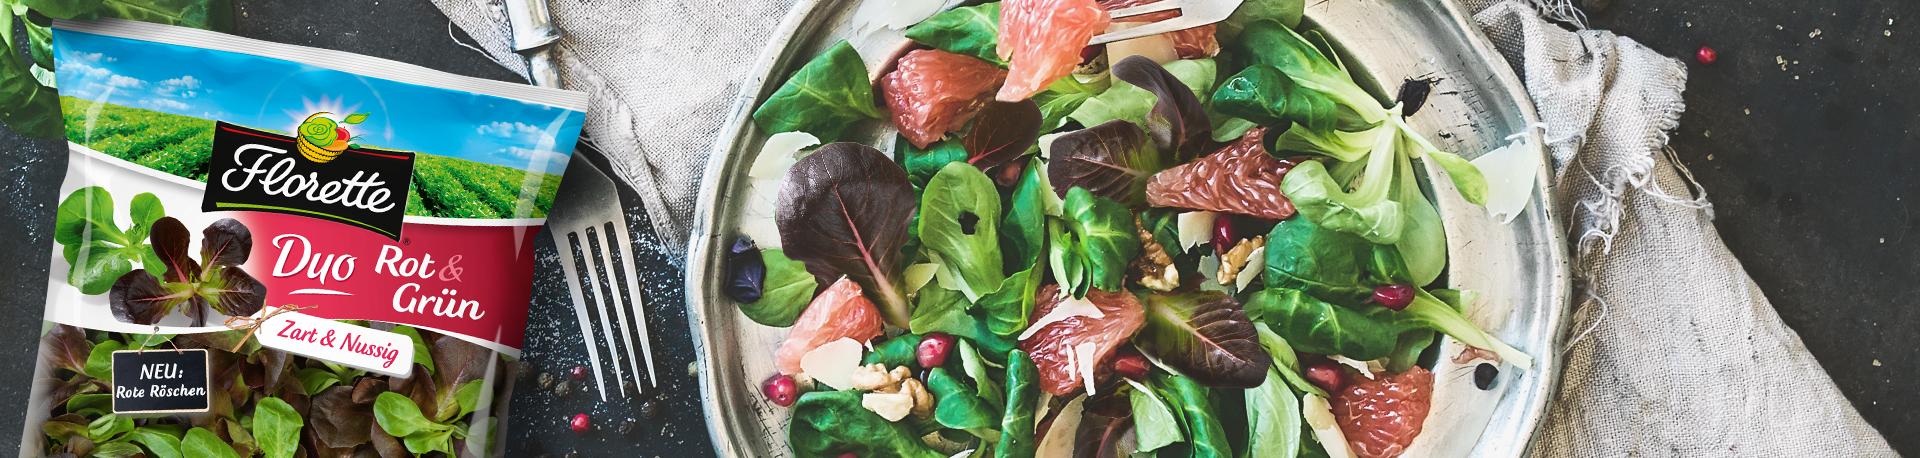 Ansicht von Florette Duo Rot & Grün als Packung und angerichtet als Salat.